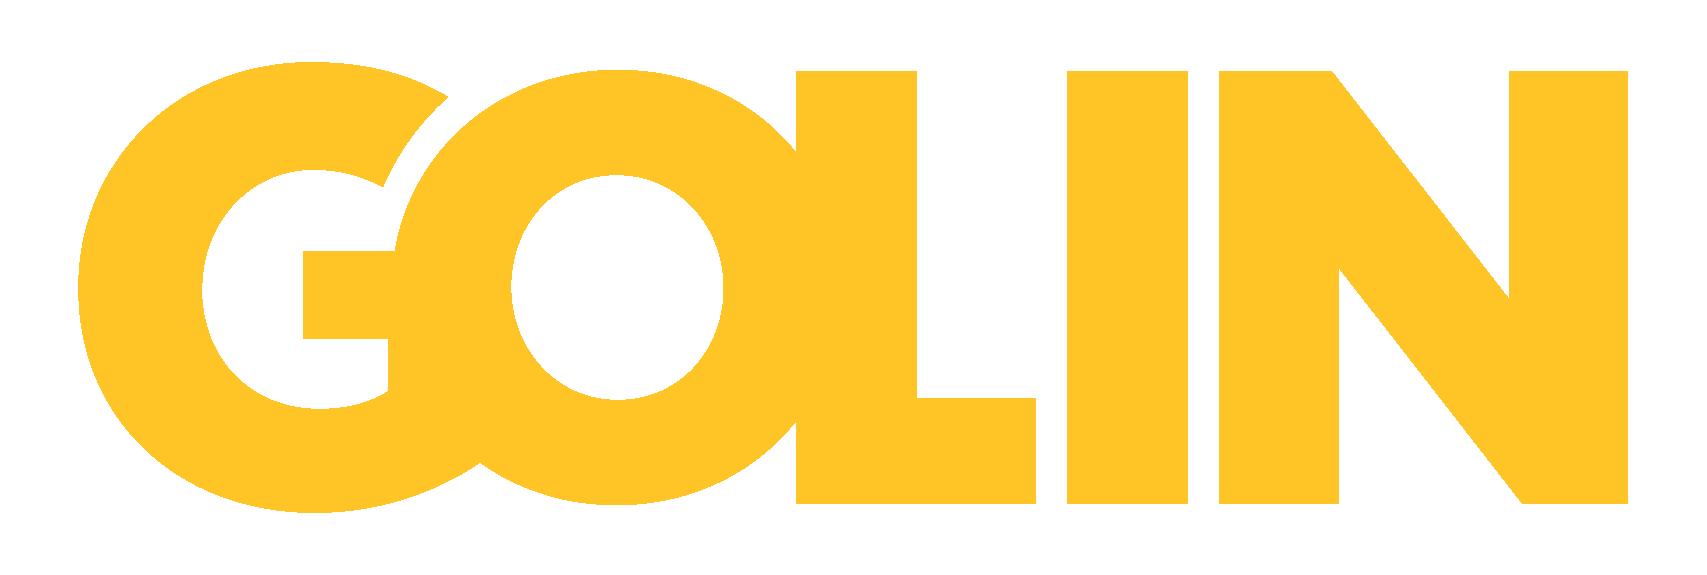 GOLIN_GOLD_CMYK (1).png